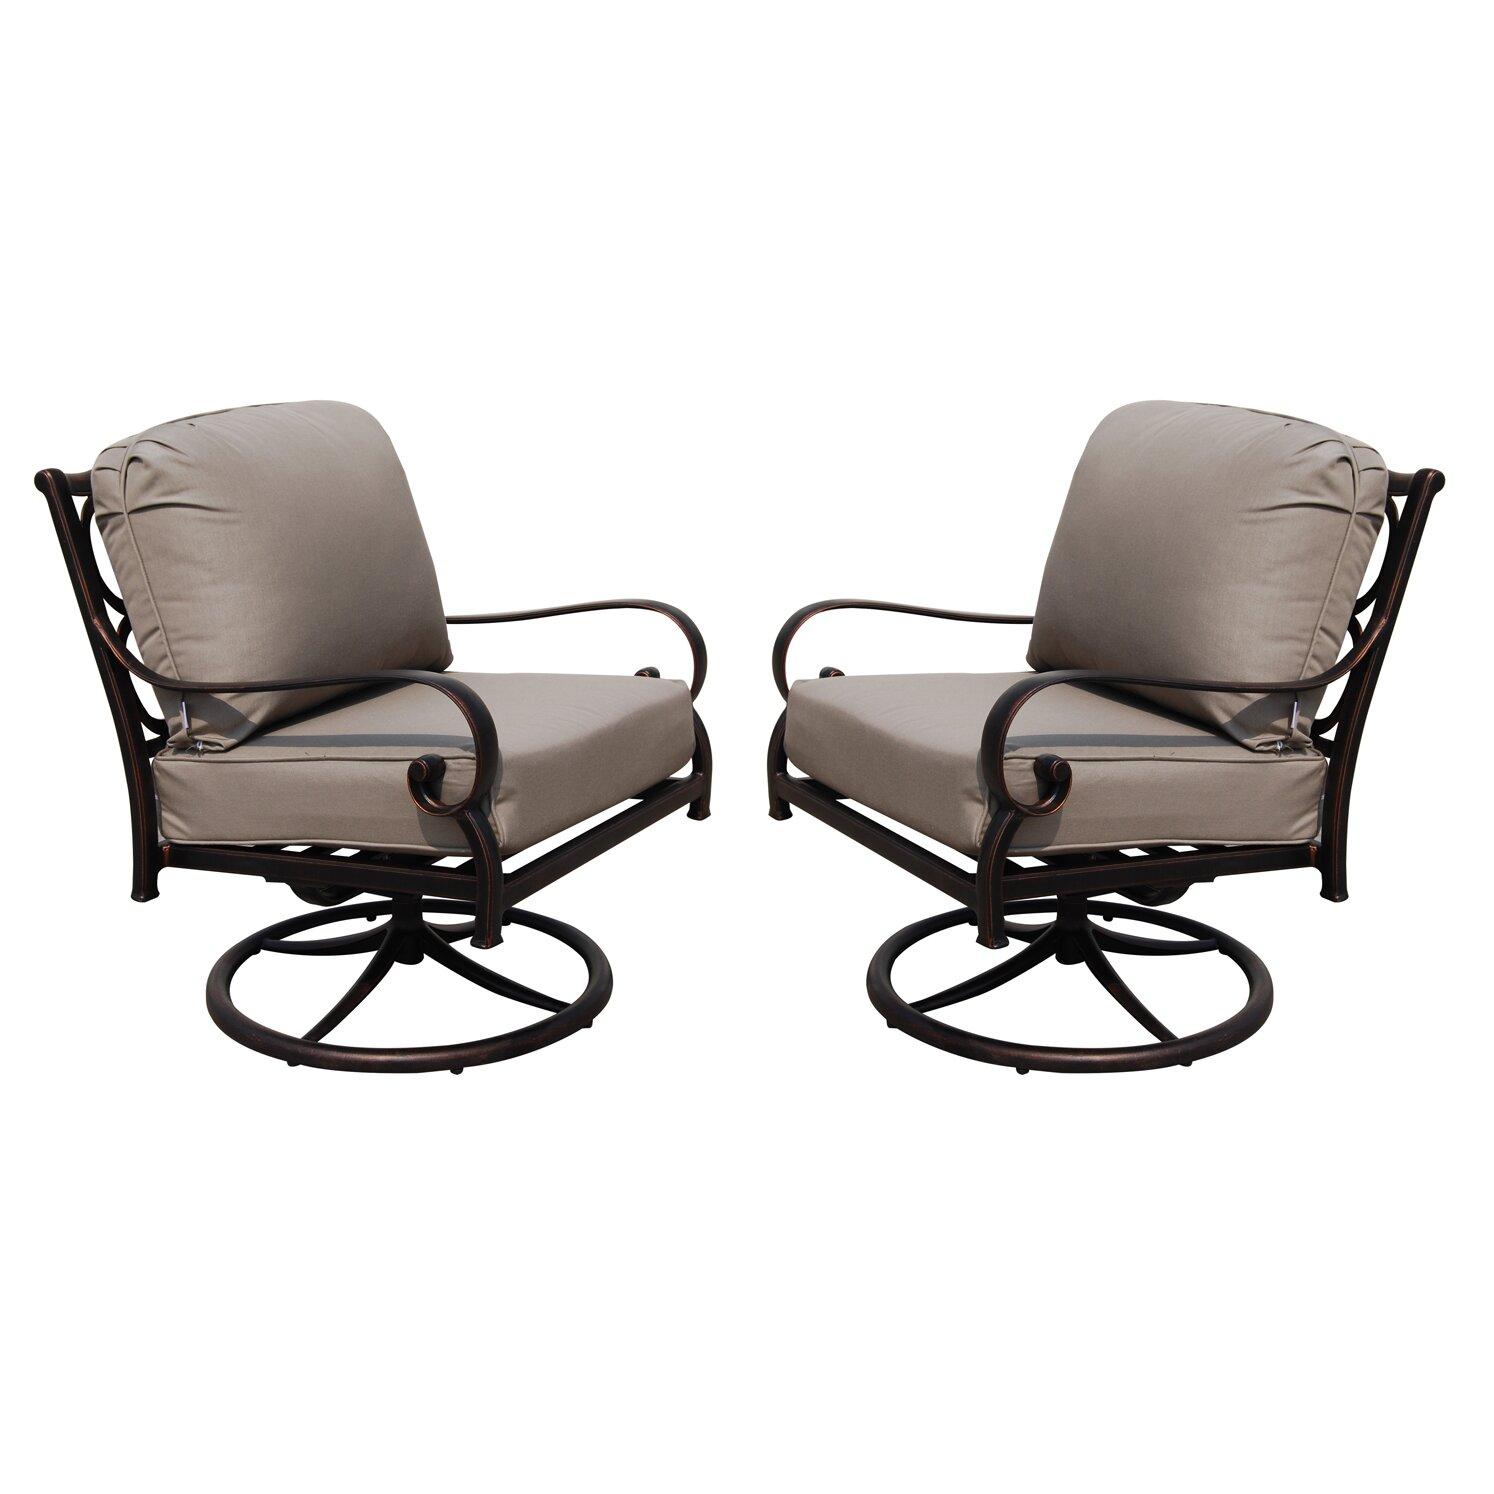 PatioFlare Deep Seating Swivel Rocking Chair with Cushion  Wayfair.ca